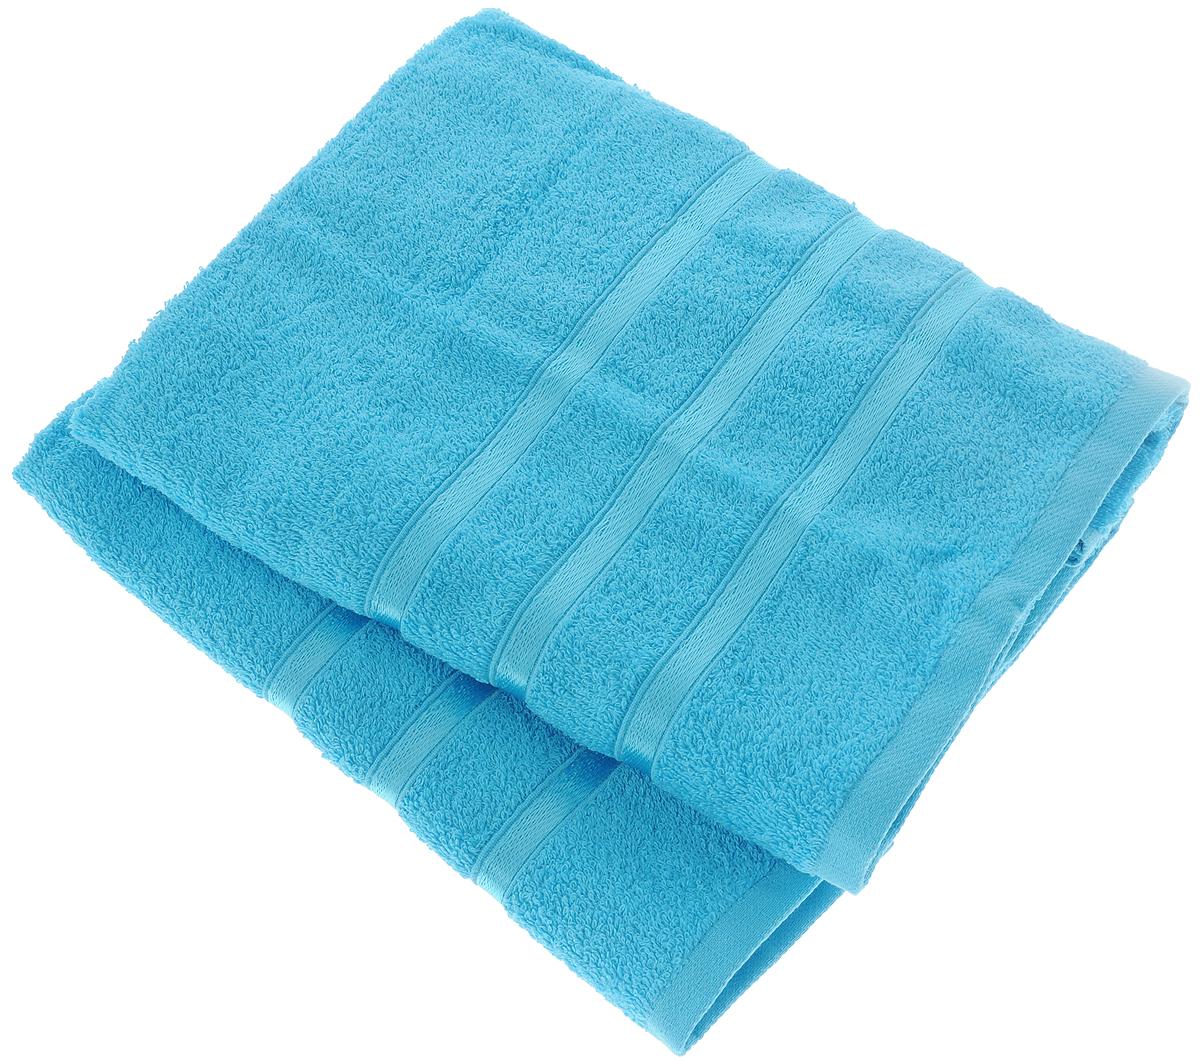 Набор полотенец Tete-a-Tete Ленты, цвет: бирюзовый, 50 х 85 см, 2 шт68/5/2Набор Tete-a-Tete Ленты состоит из двух махровых полотенец, выполненных из натурального 100% хлопка. Бордюр полотенец декорирован лентами. Изделия мягкие, отлично впитывают влагу, быстро сохнут, сохраняют яркость цвета и не теряют форму даже после многократных стирок. Полотенца Tete-a-Tete Ленты очень практичны и неприхотливы в уходе. Они легко впишутся в любой интерьер благодаря своей нежной цветовой гамме. Набор упакован в красивую коробку и может послужить отличной идеей для подарка.Размер полотенец: 50 х 85 см.